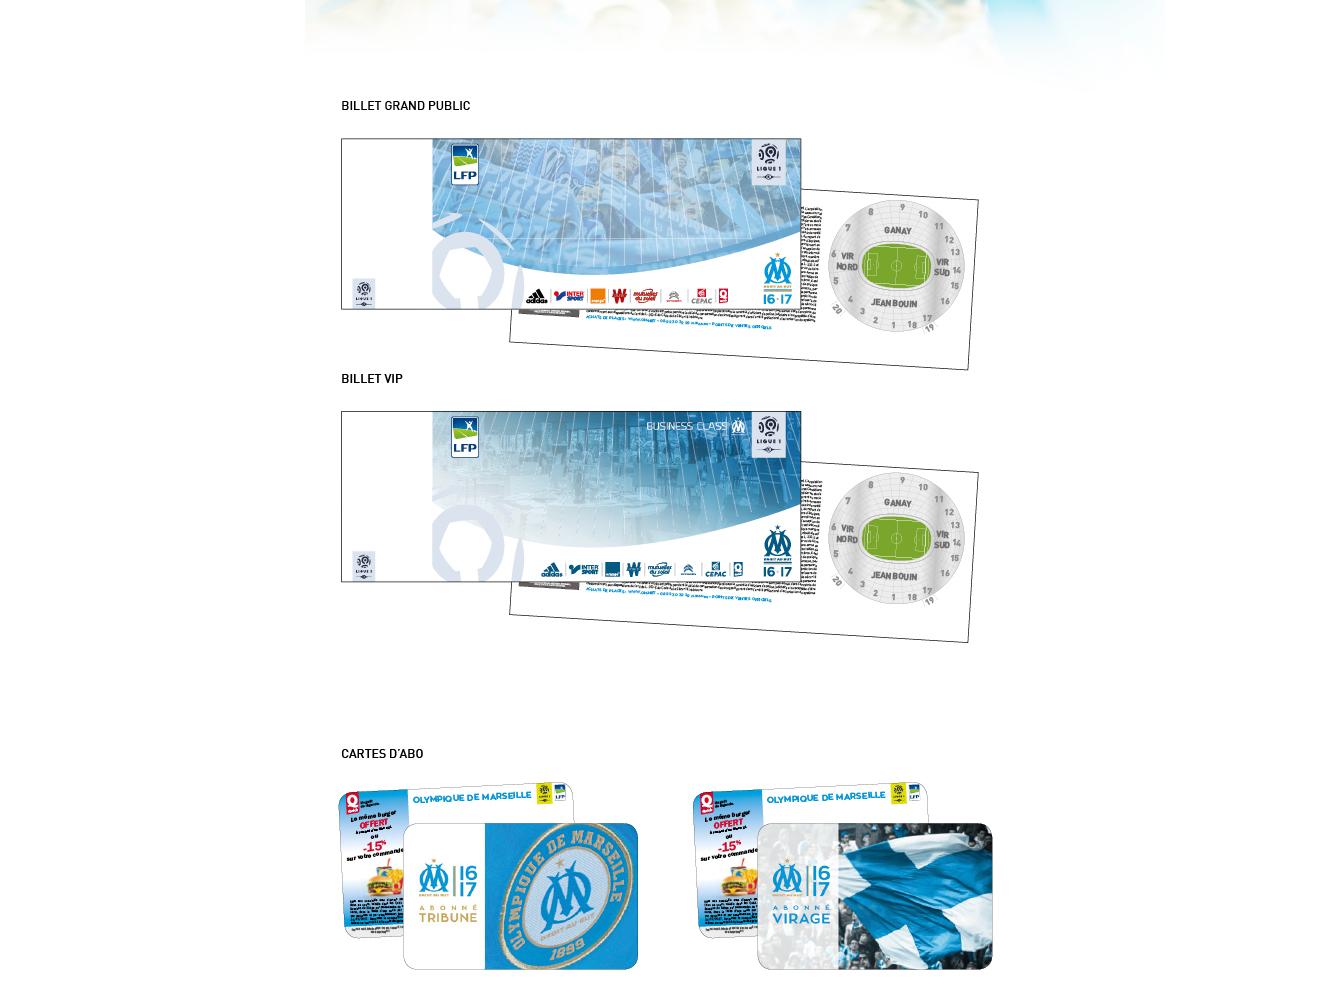 billets de match et cartes d'abonnement OM